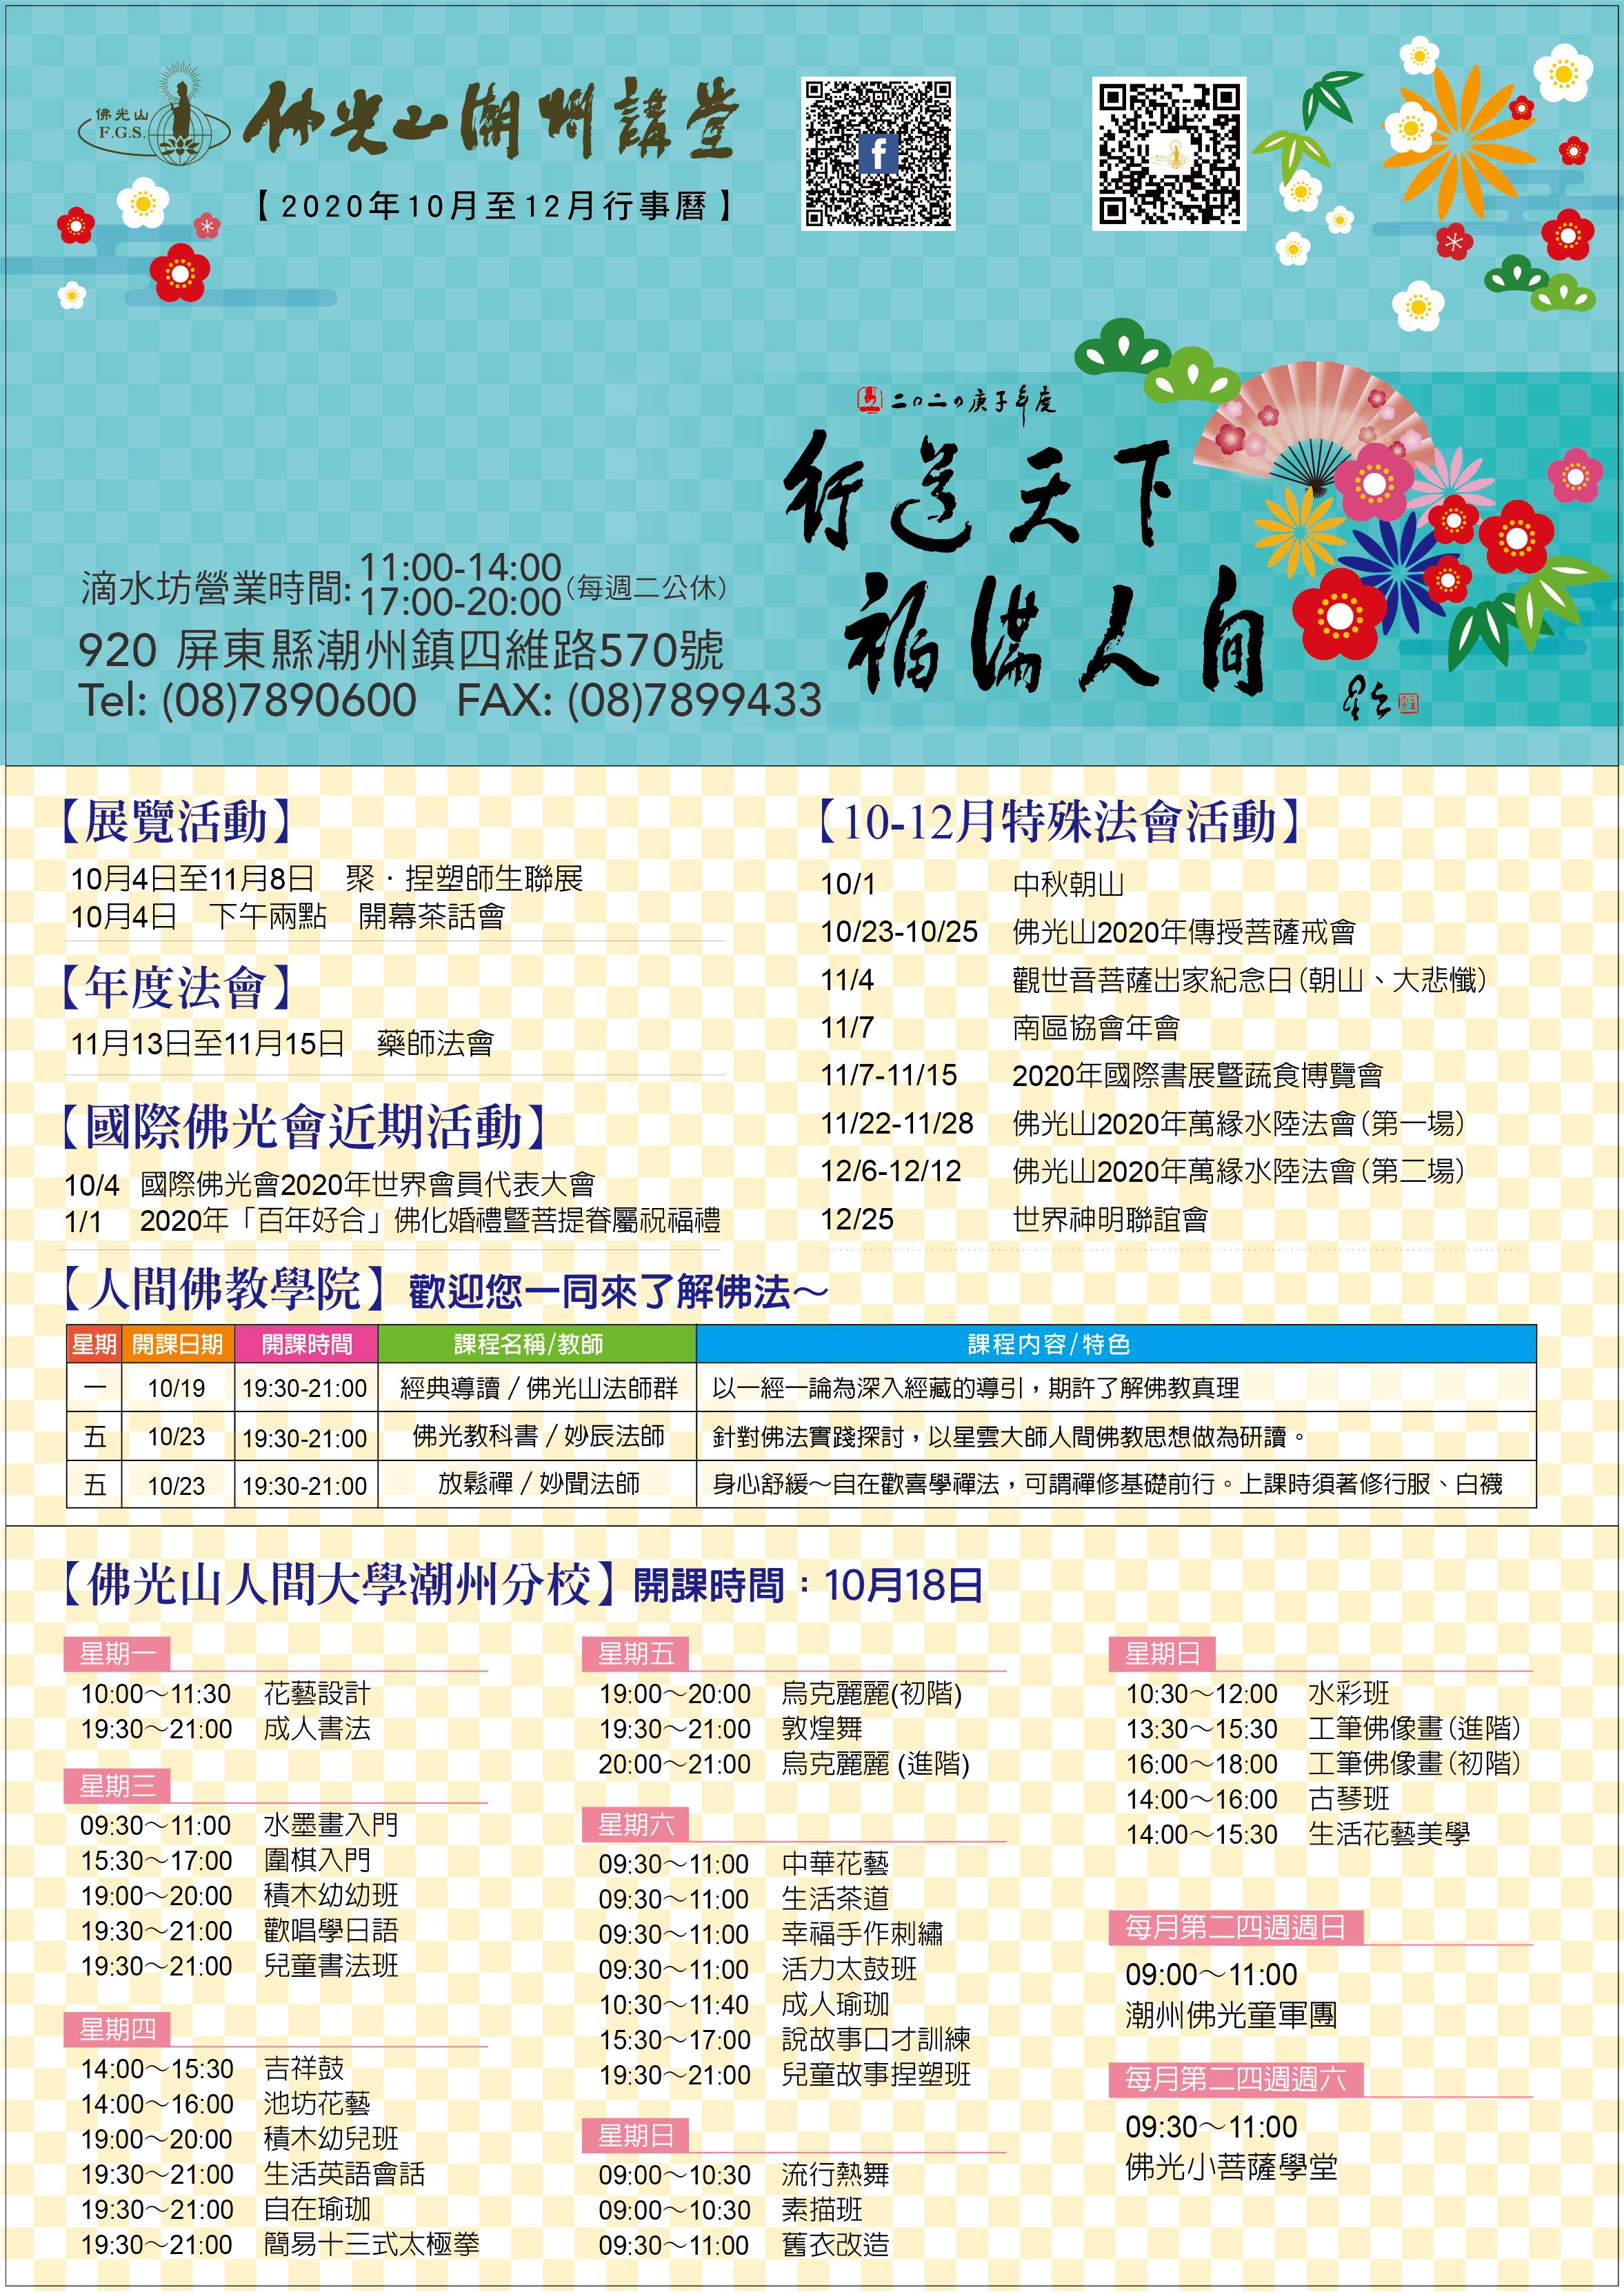 10-12月行事曆正面-01.jpg